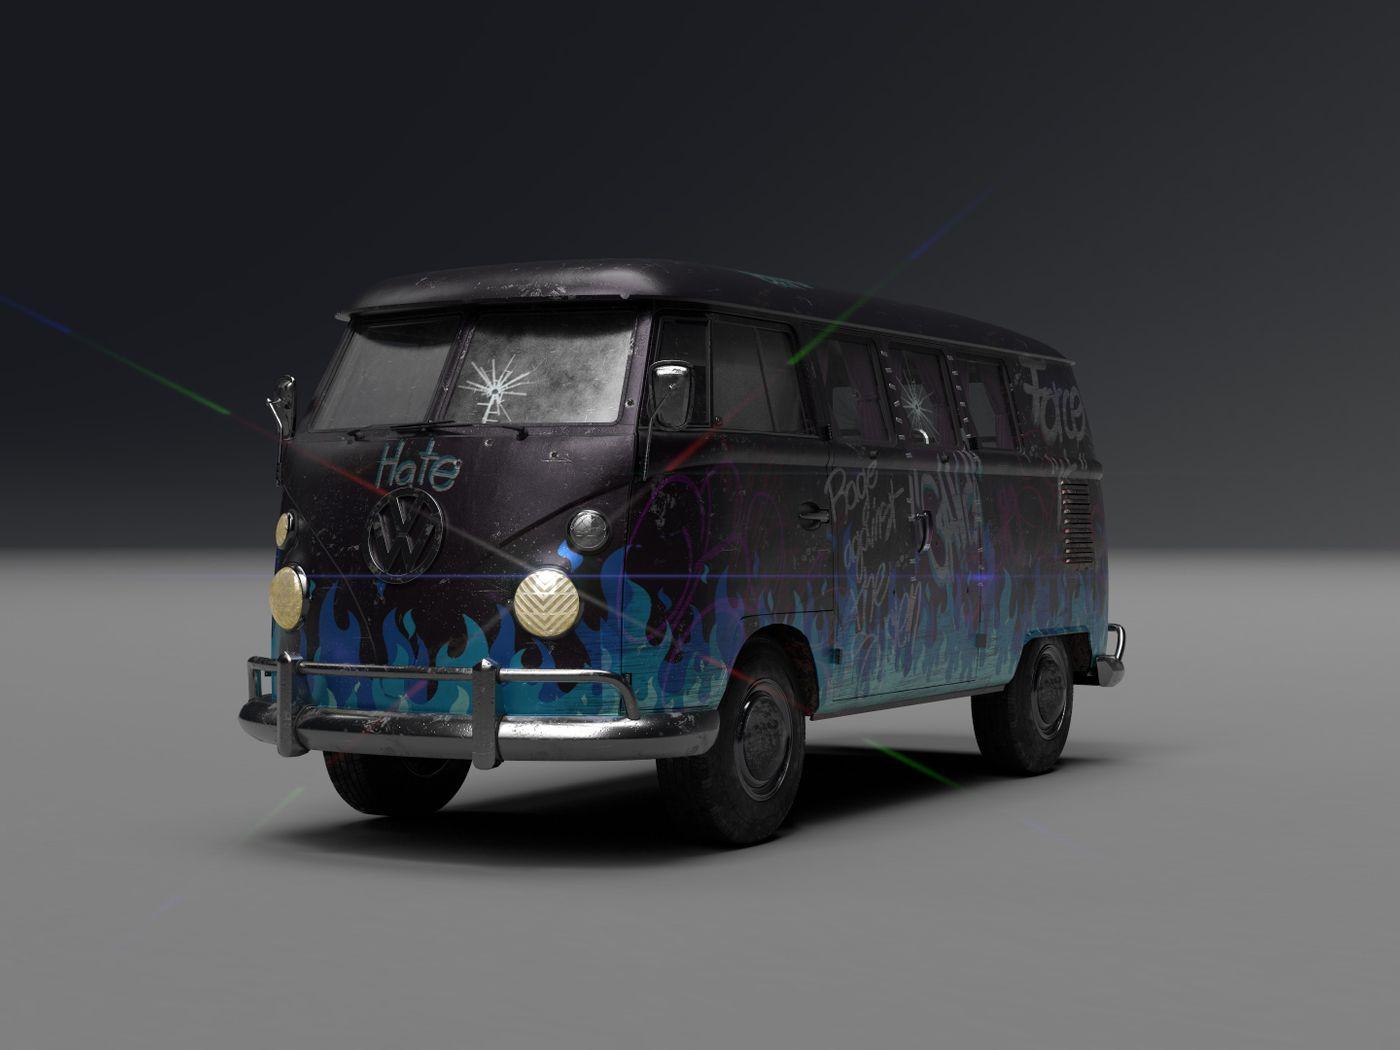 League of Villains' Van